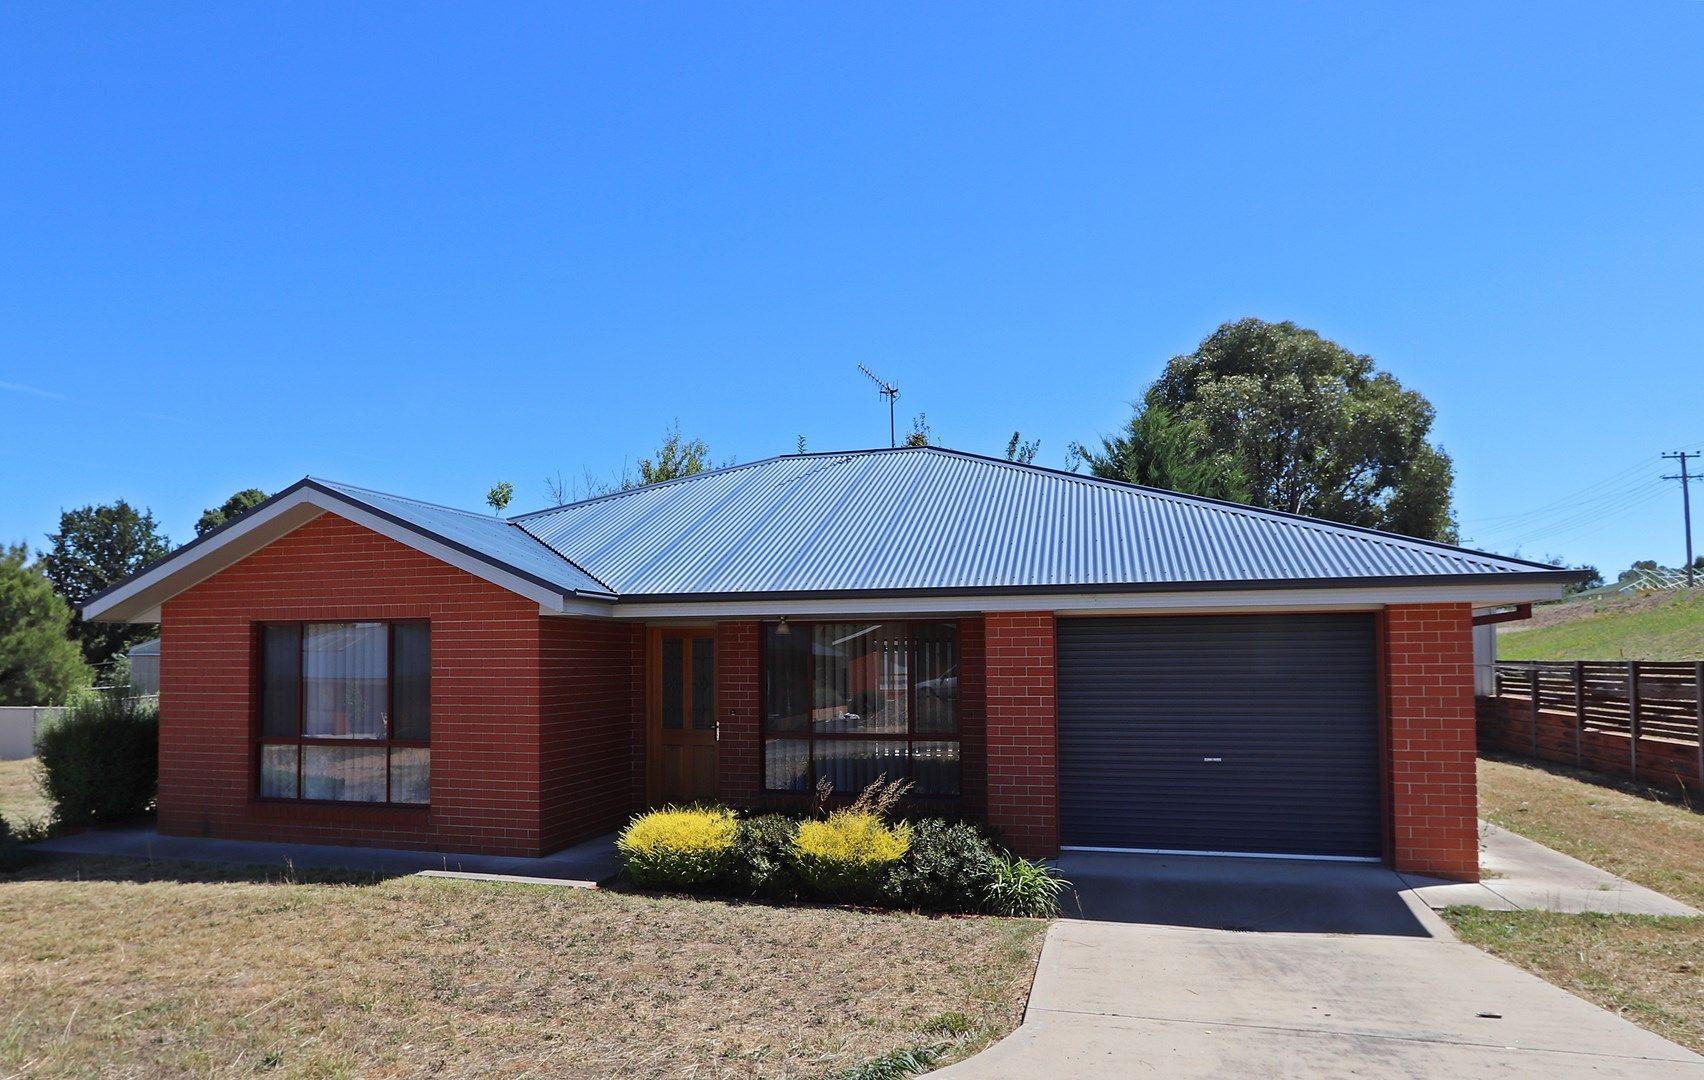 89-93 Winton Street - Unit 7, Tumbarumba NSW 2653, Image 0